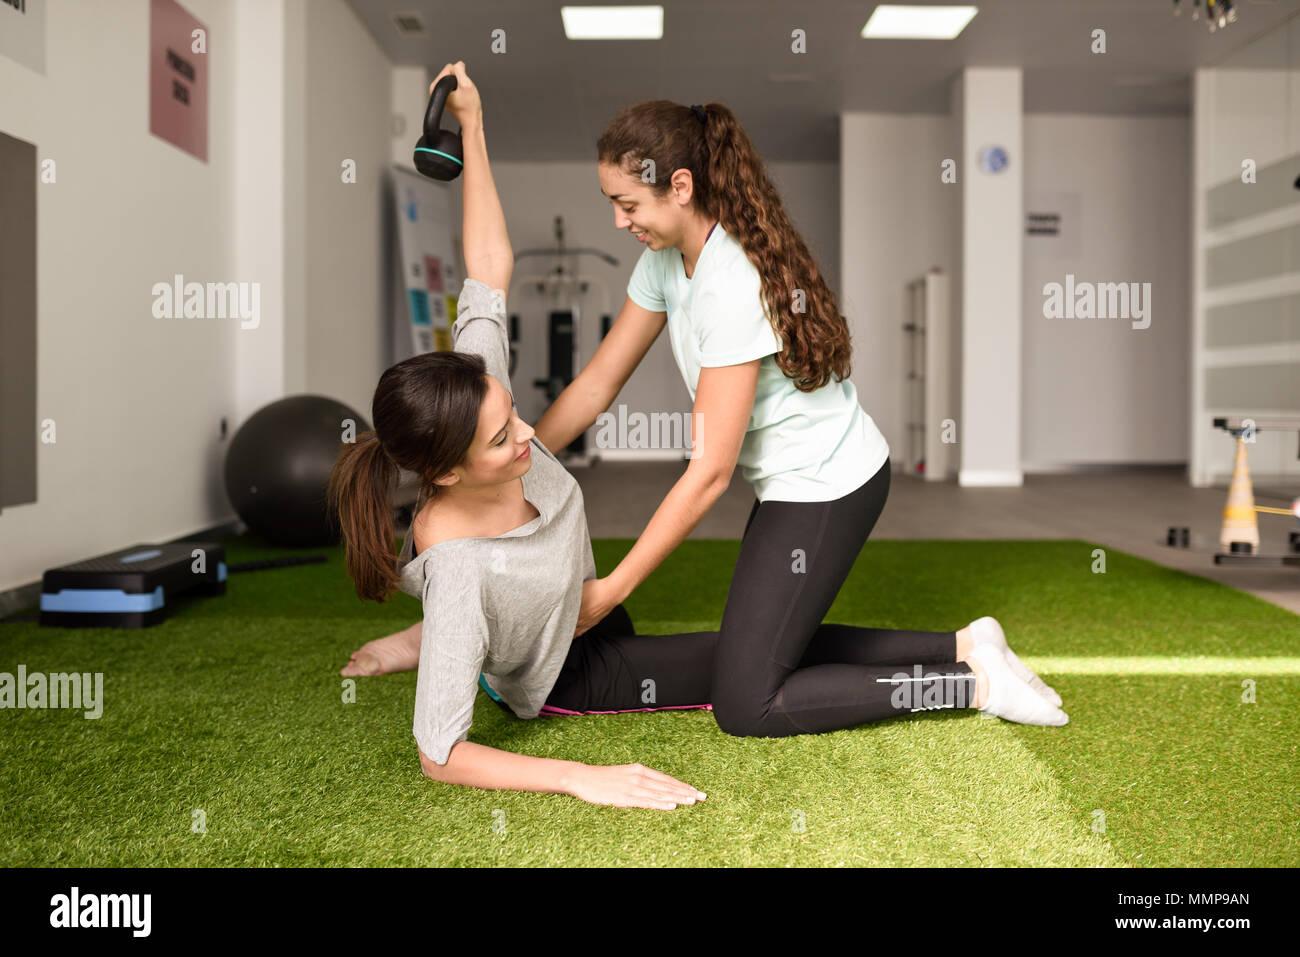 Physiotherapeuten Unterstützung von jungen kaukasischen Frau mit Übung mit Hantel während der Rehabilitation in der Turnhalle am Krankenhaus. Weibliche Physiotherapeut tr Stockbild